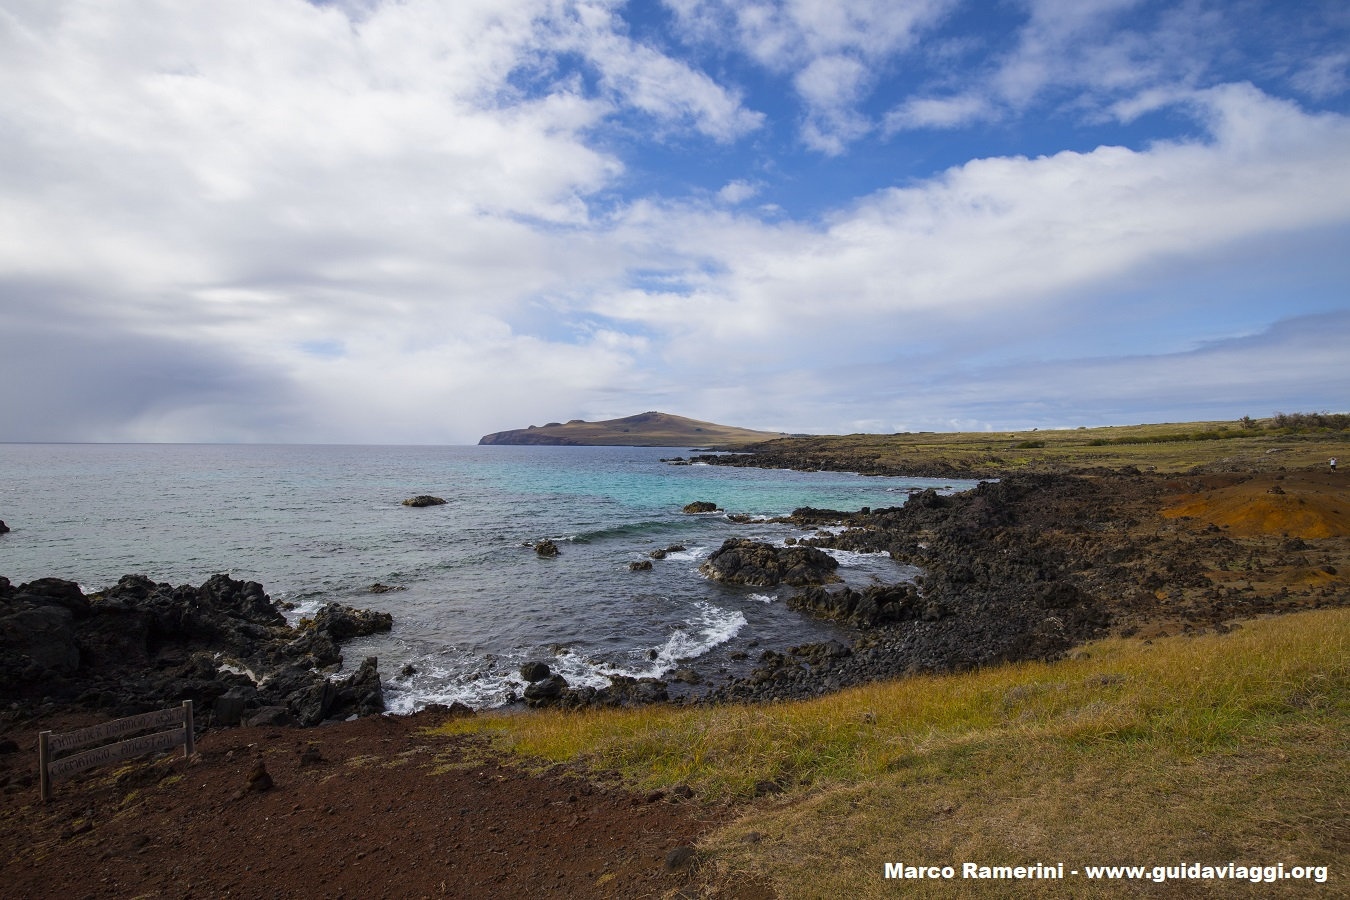 La côte nord de l'île vue d'Ovahe, Île de Pâques, Chili. Auteur et Copyright Marco Ramerini